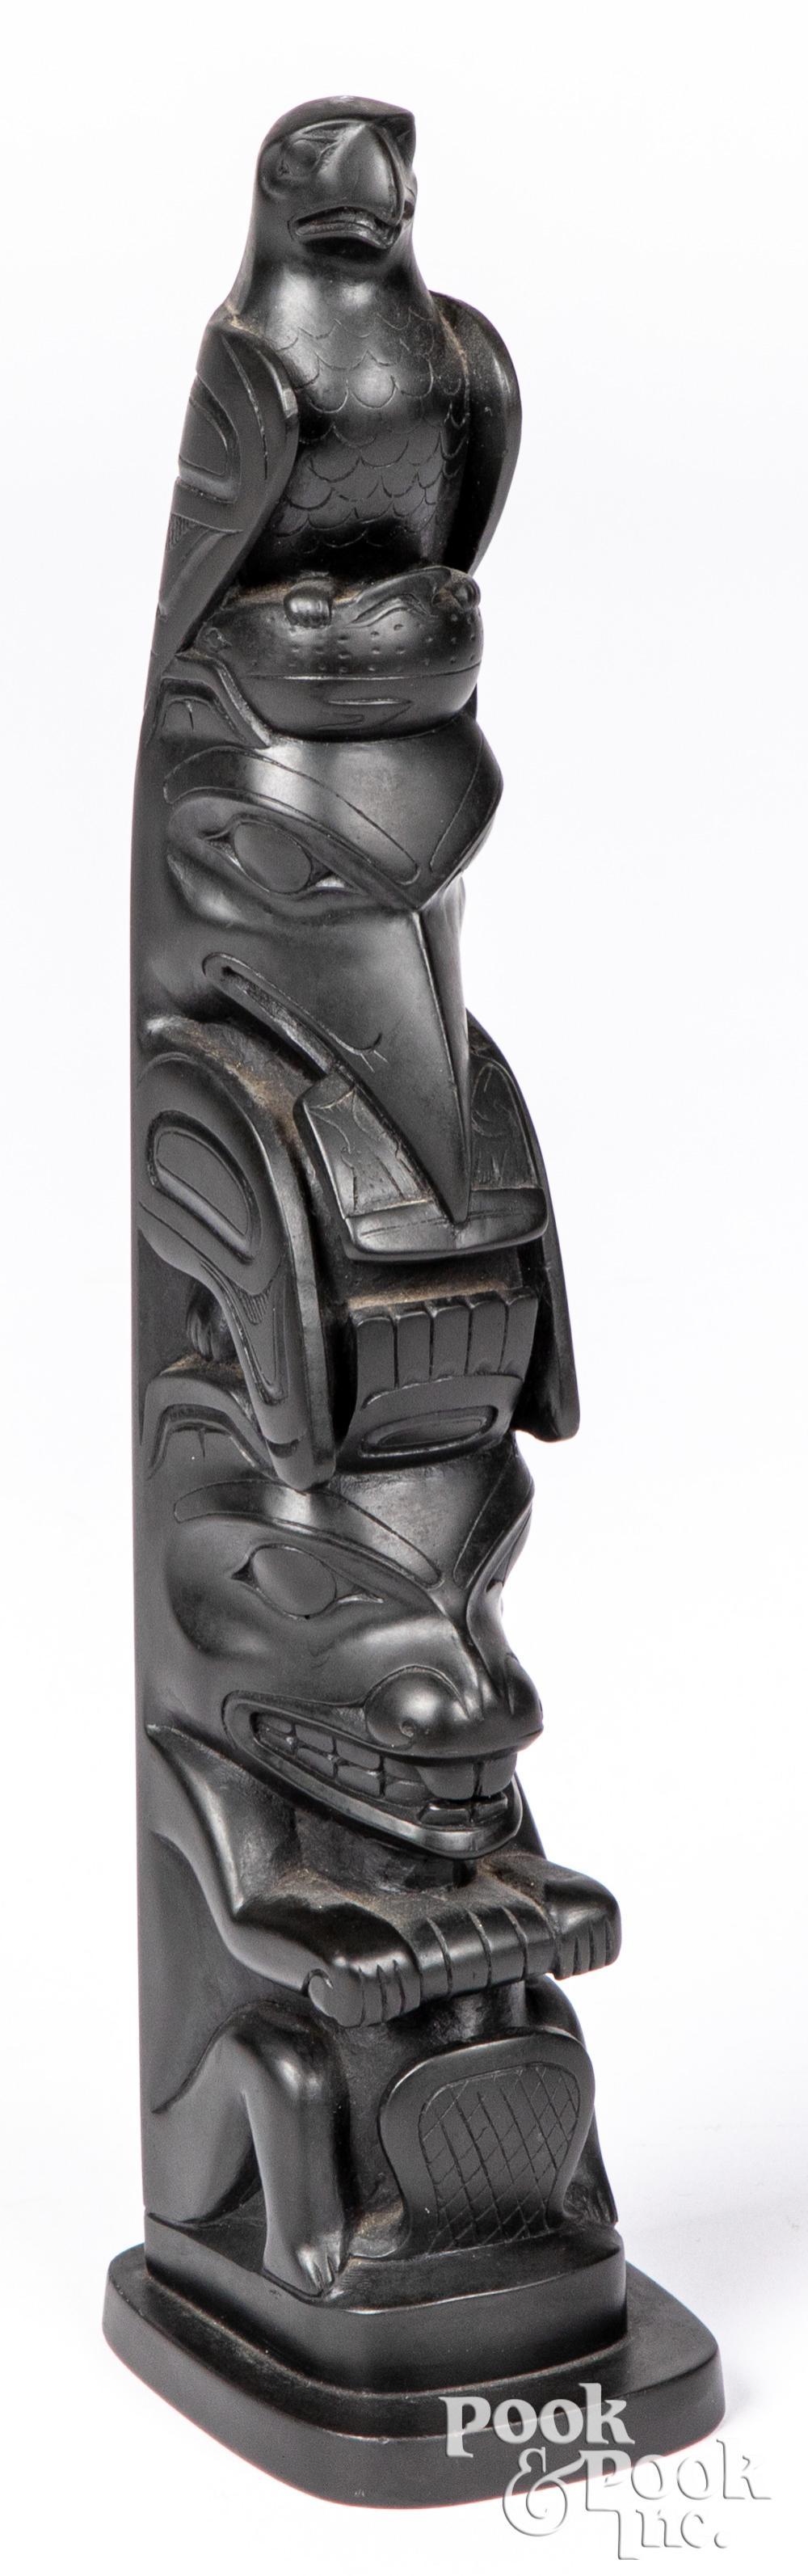 Northwest Coast Haida Indian argillite totem pole